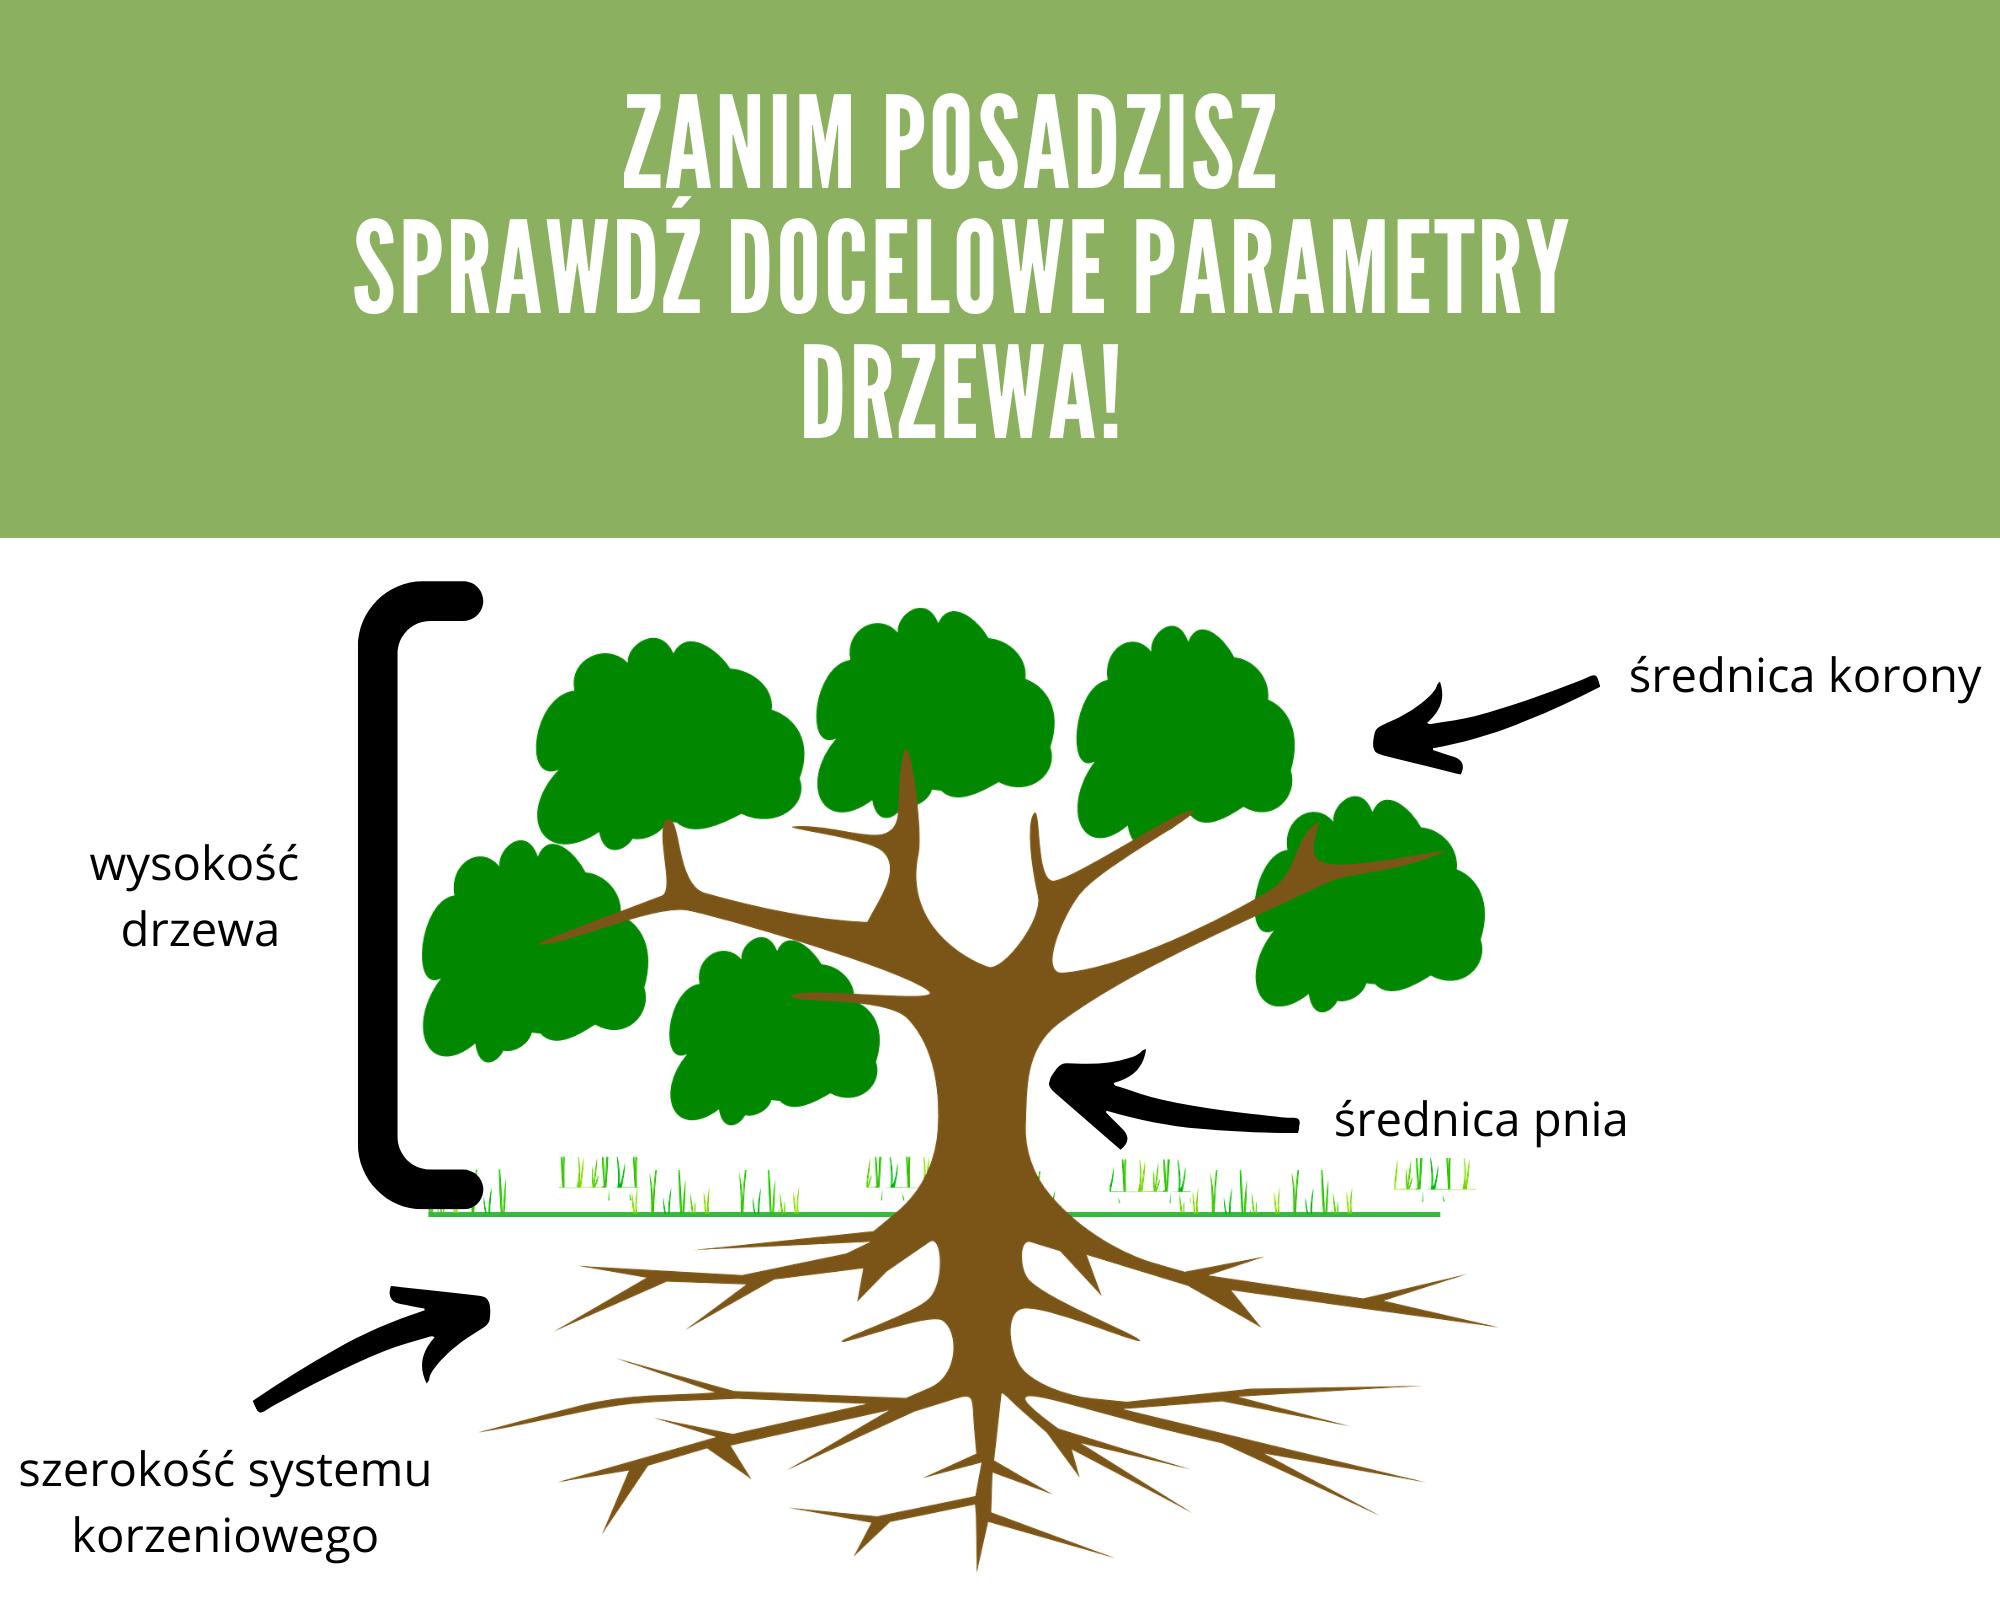 Na obrazku drzewo pokazana wysokość drzewa, średnica pnia, szerokość systemu korzeniowego,